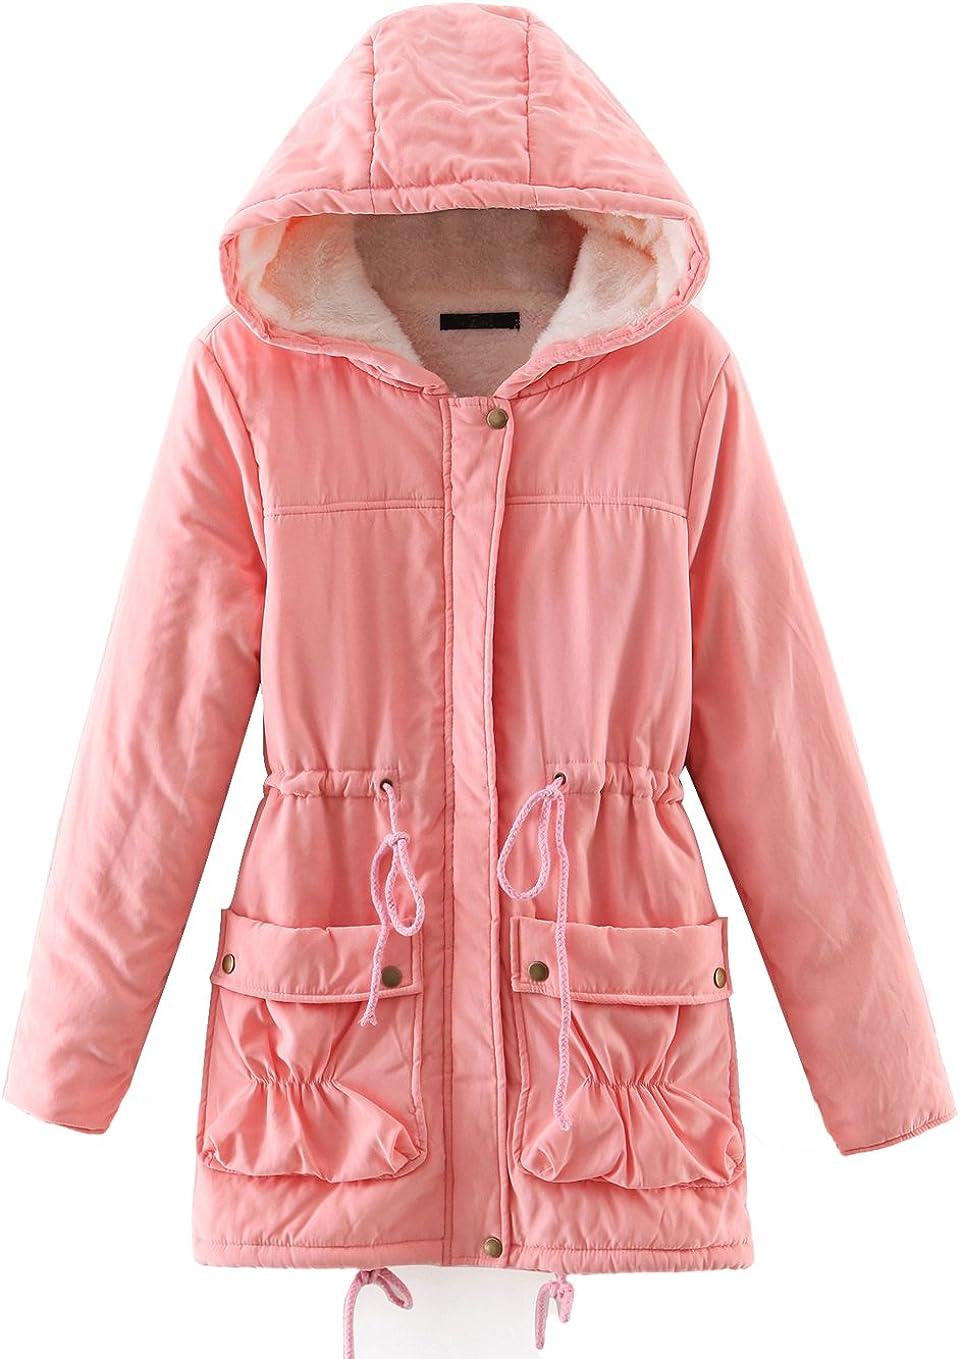 Chartou Women's Lovely 国産品 Thicken Zip-Fly Fleece Lambswool L Hooded 大規模セール